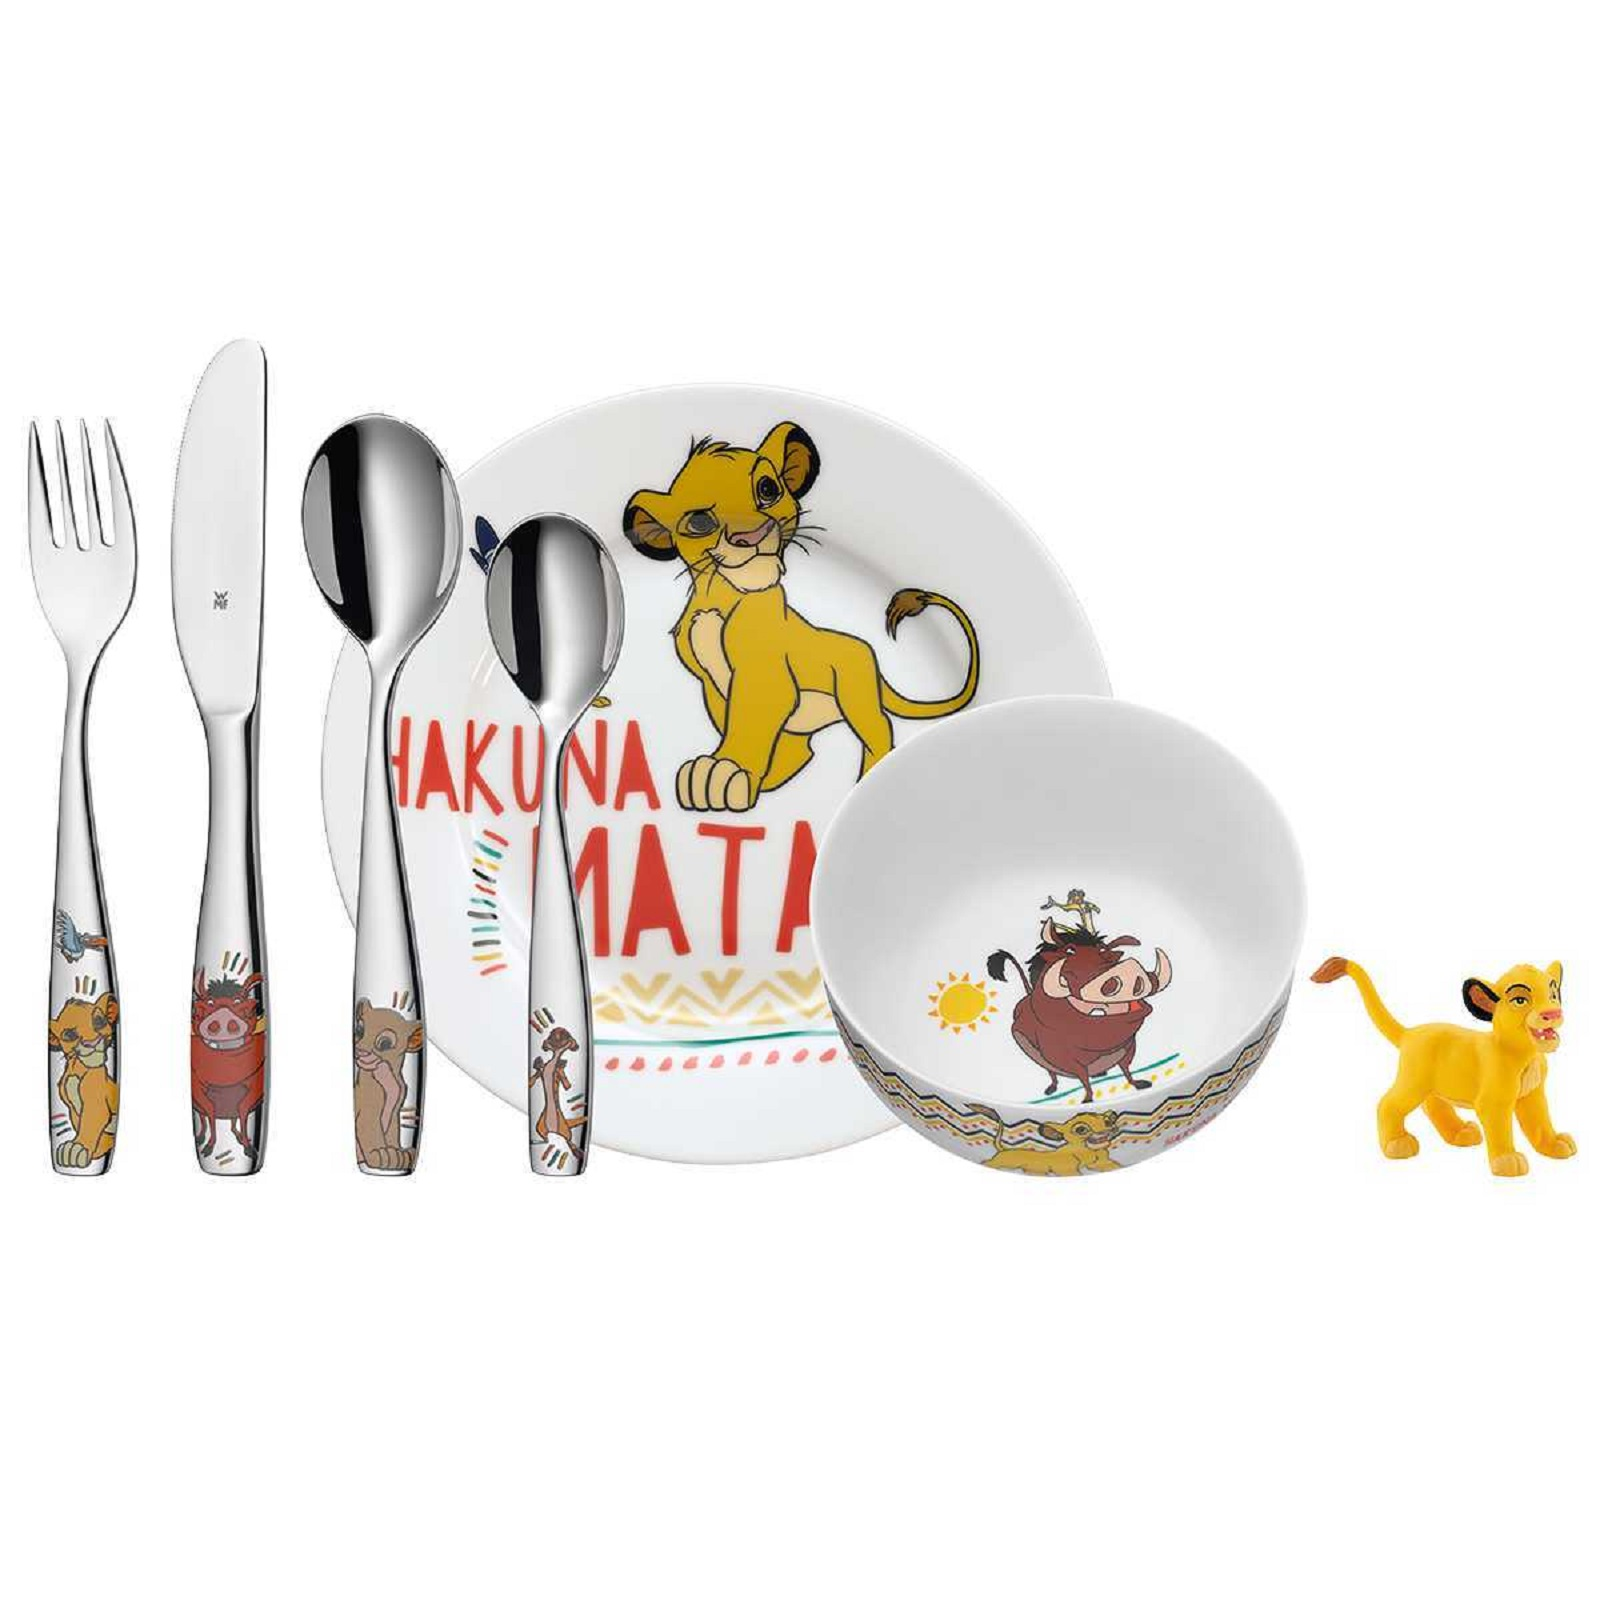 Онлайн каталог PROMENU: Набор посуды детский WMF LION KING, разноцветный, 6 предметов WMF 12 8604 9964